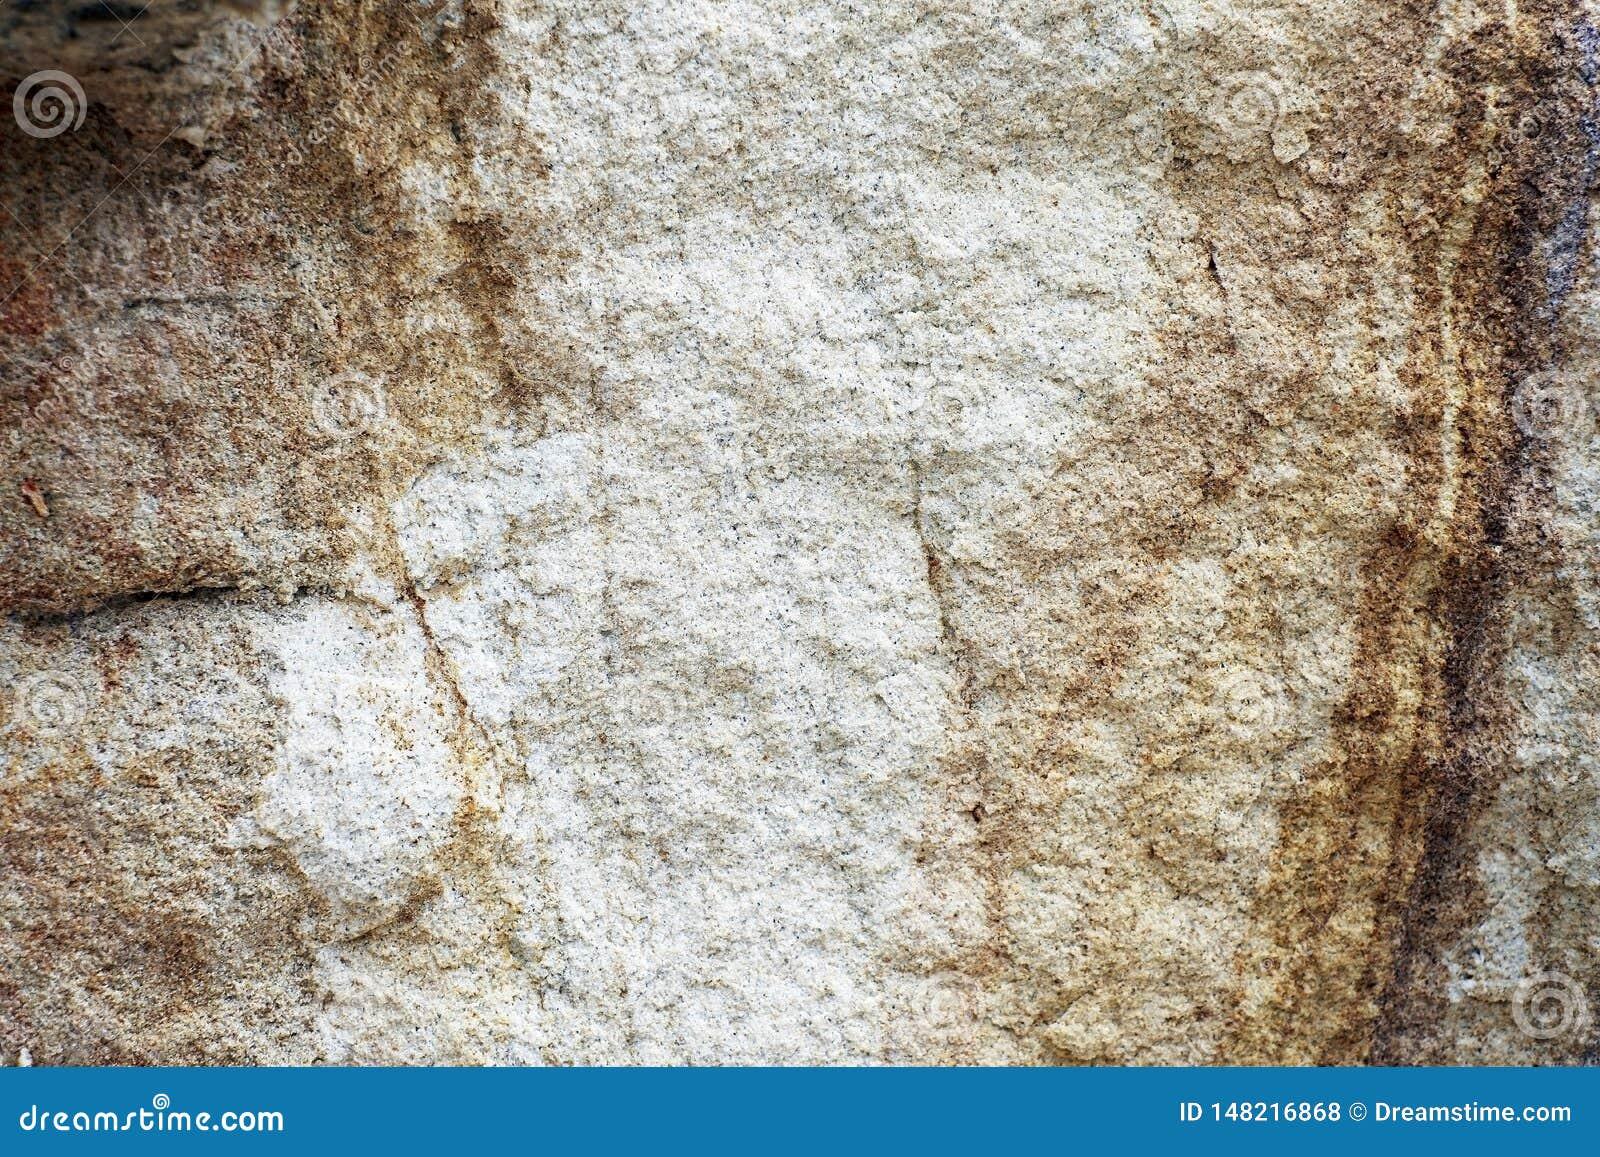 Bruine zandsteentextuur zoals behang